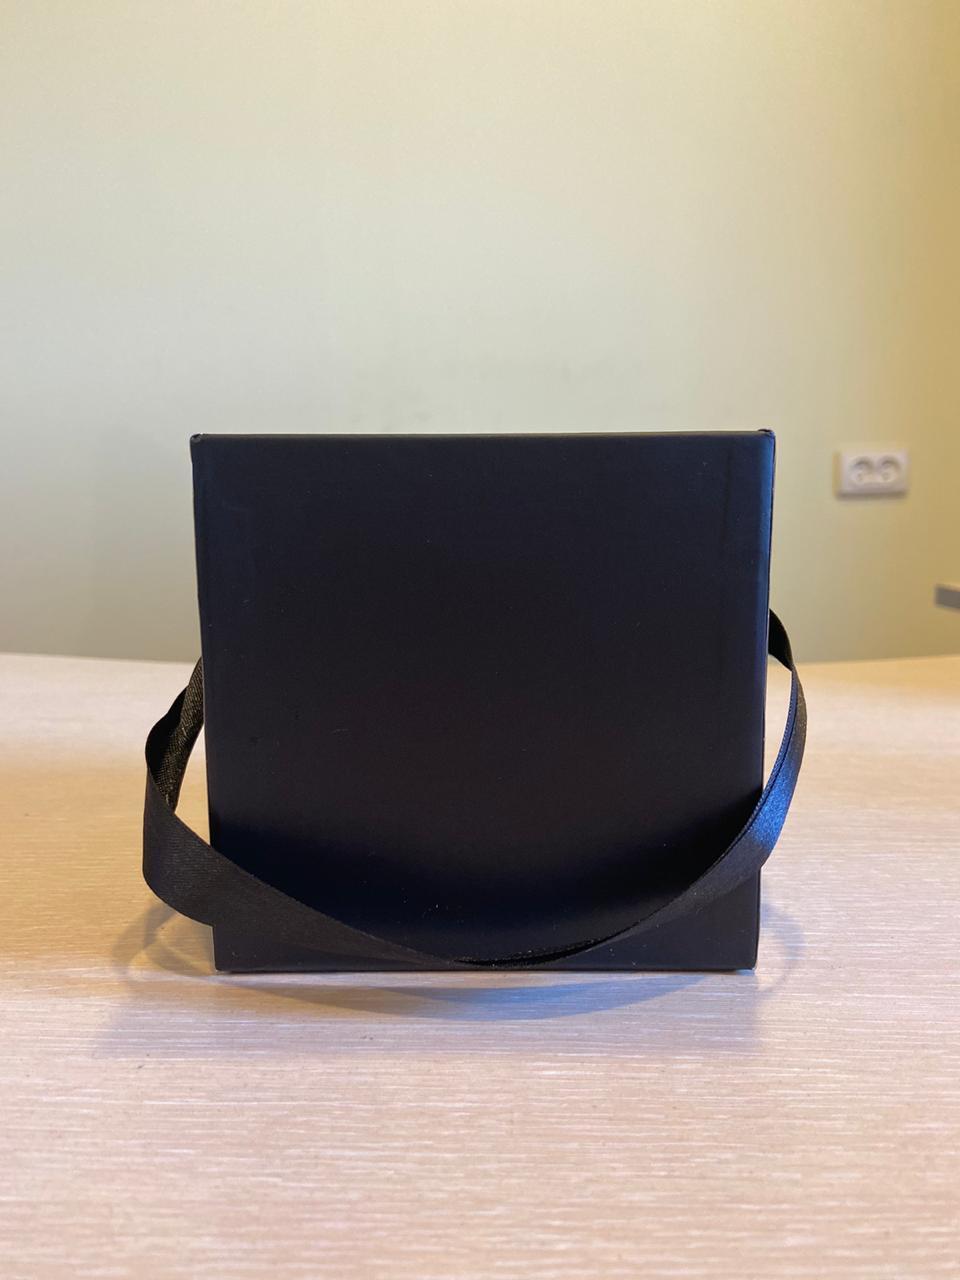 Кубическая коробка 11х11х11 см . Без крышки . Цвет: Черный  . Розница 200 рублей